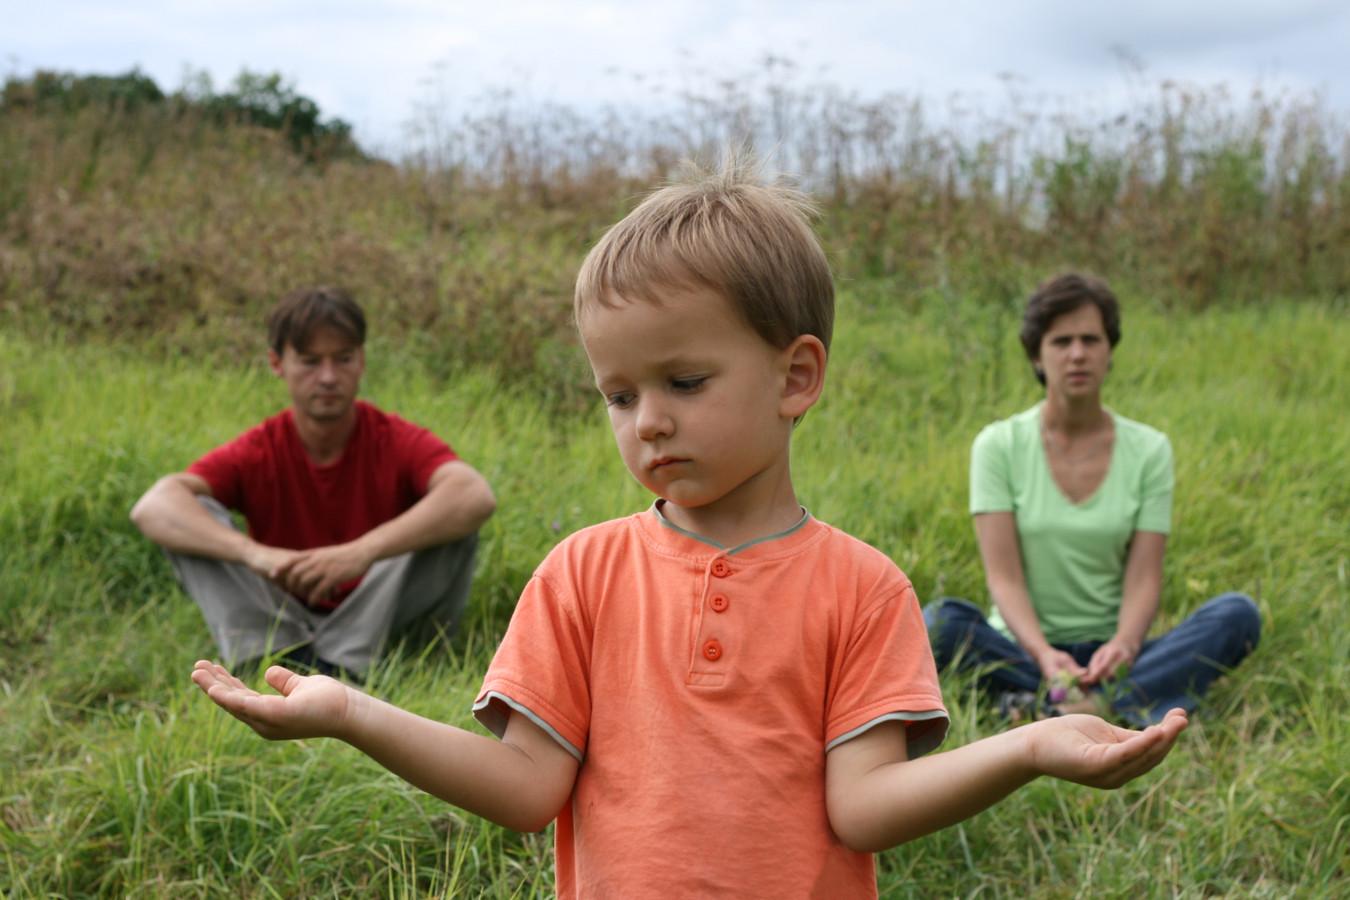 Kinderen die te maken krijgen met een scheiding hebben vaak het gevoel te moeten kiezen tussen hun vader en hun moeder.